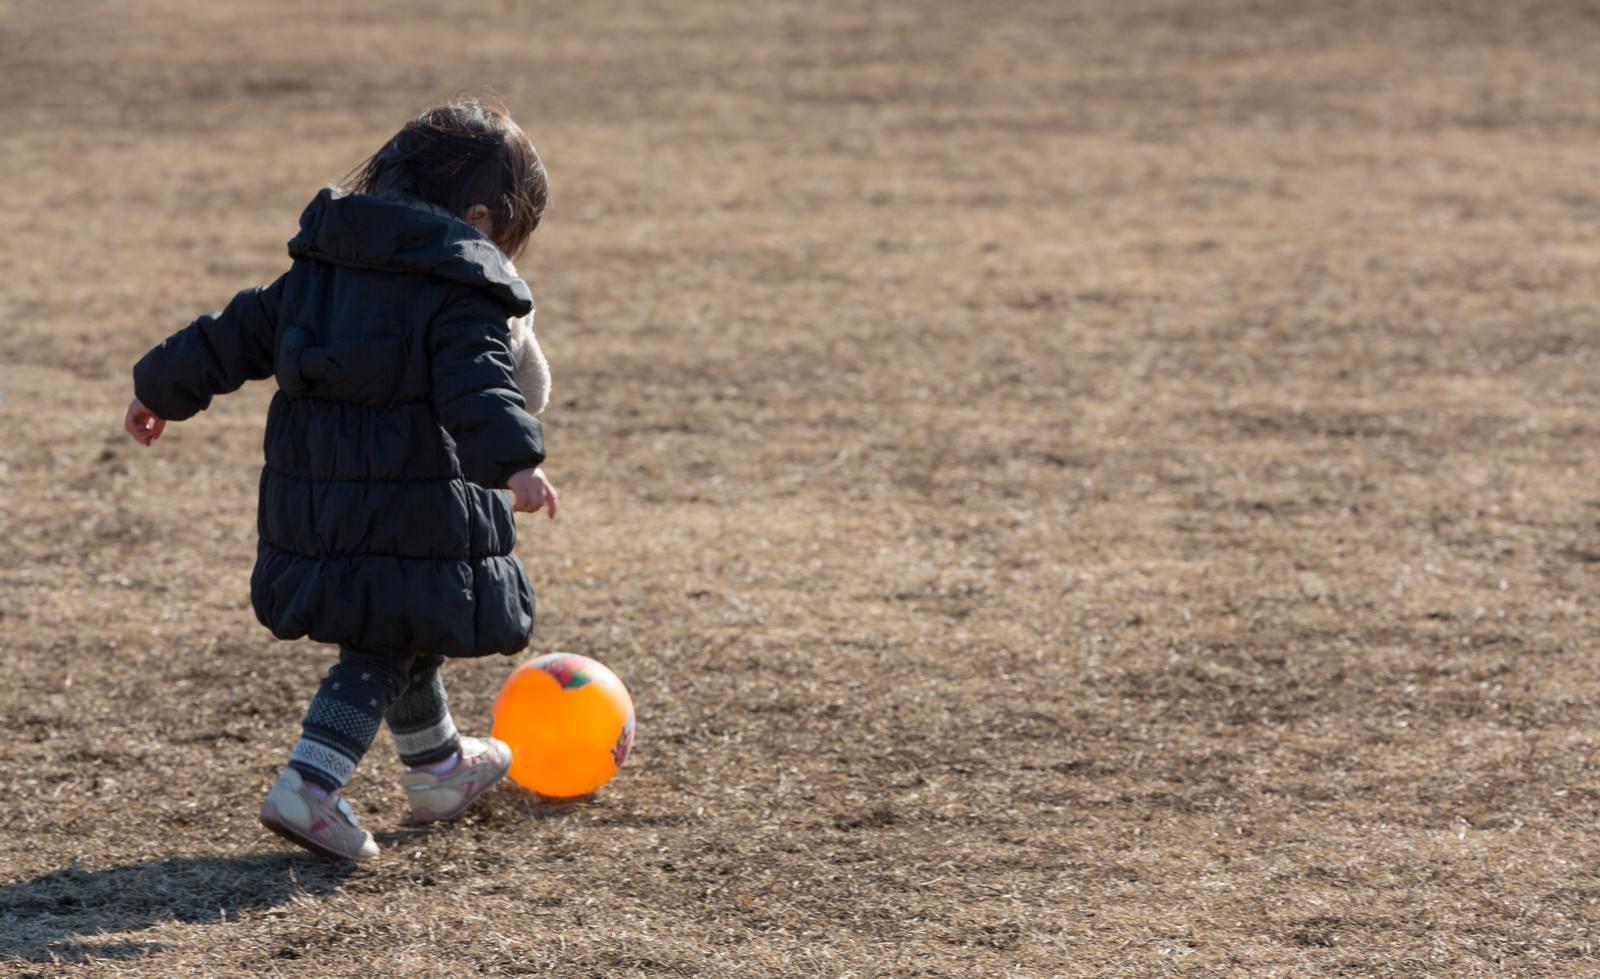 「ボール遊びをする子供」の写真